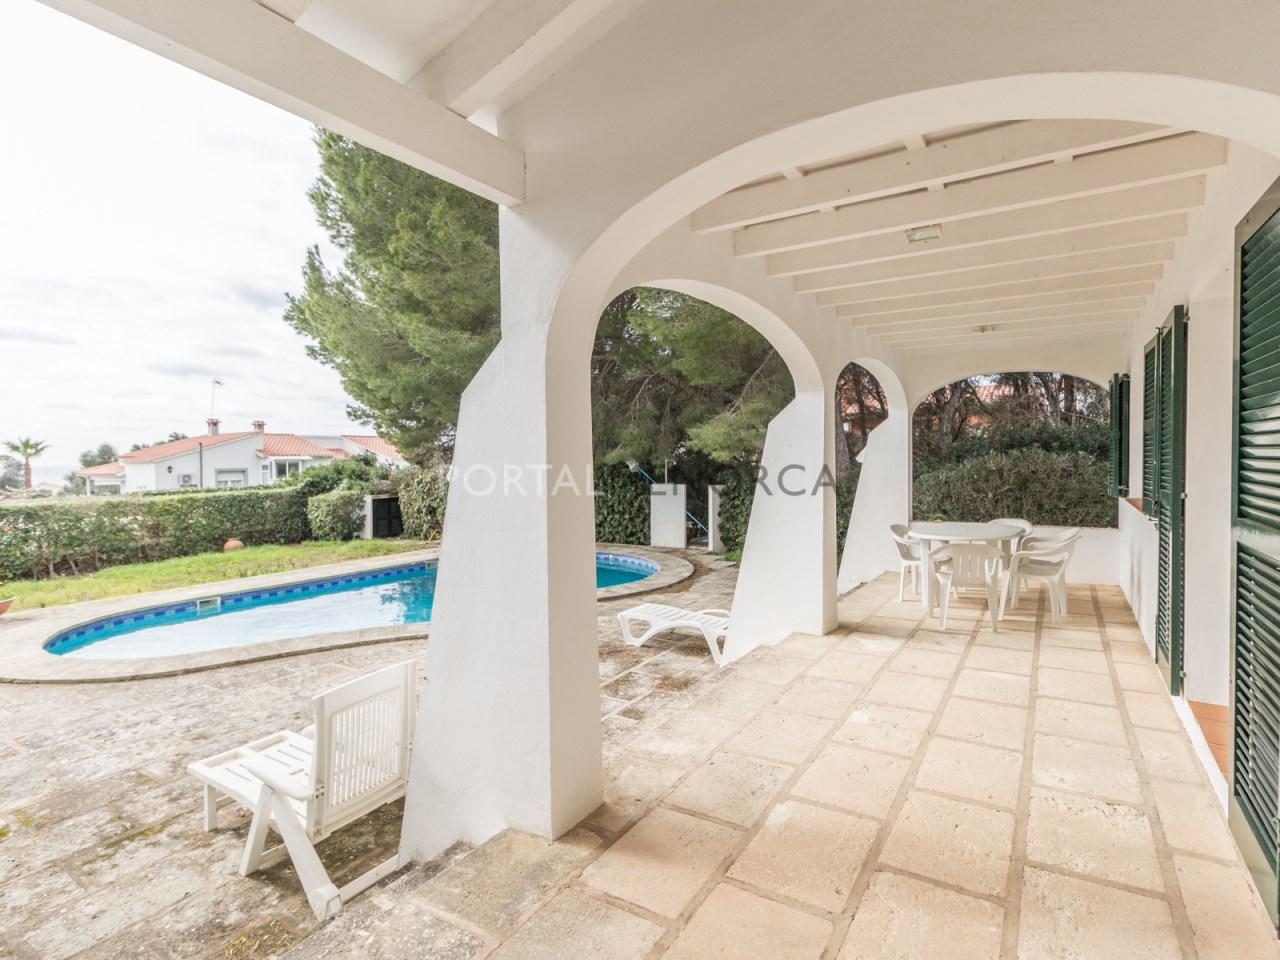 maison avec piscine a Canutells MInorque (16 de 19)